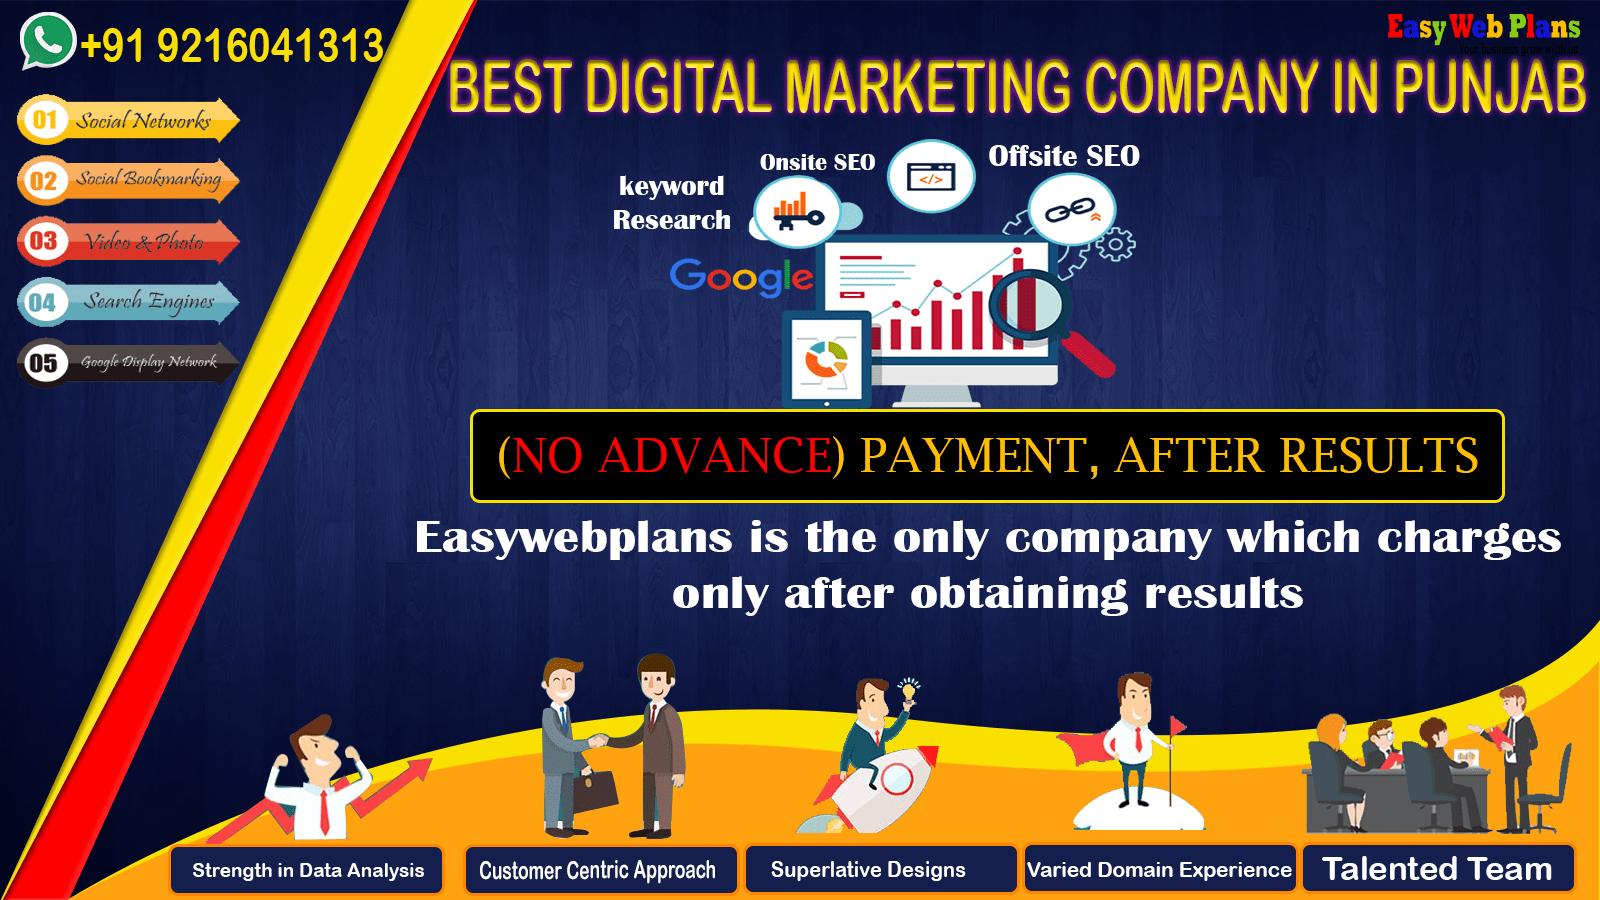 Digital Marketing Company in Punjab | Contact us at +91-9216041313